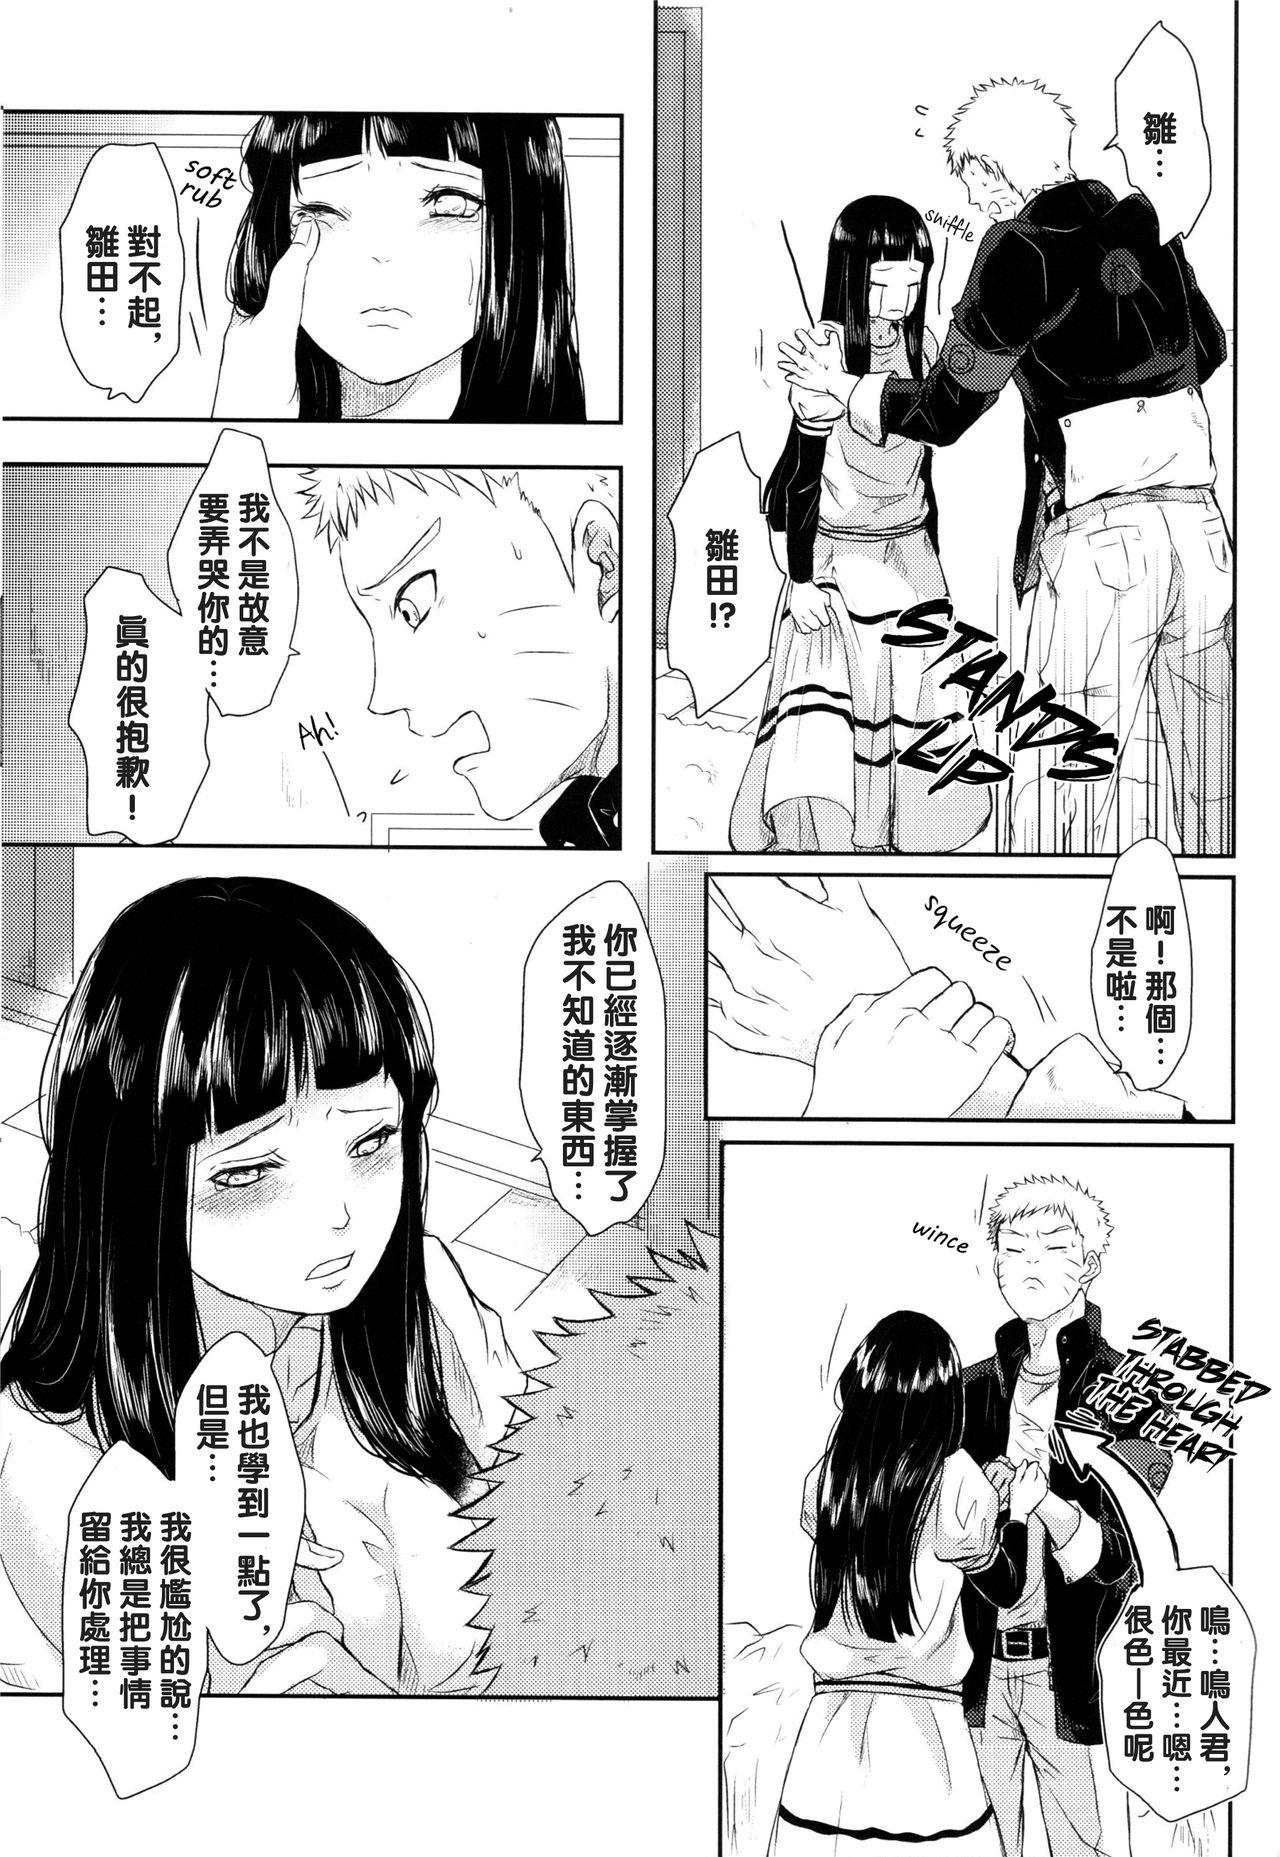 Naruto-kun no Ecchi!! 27